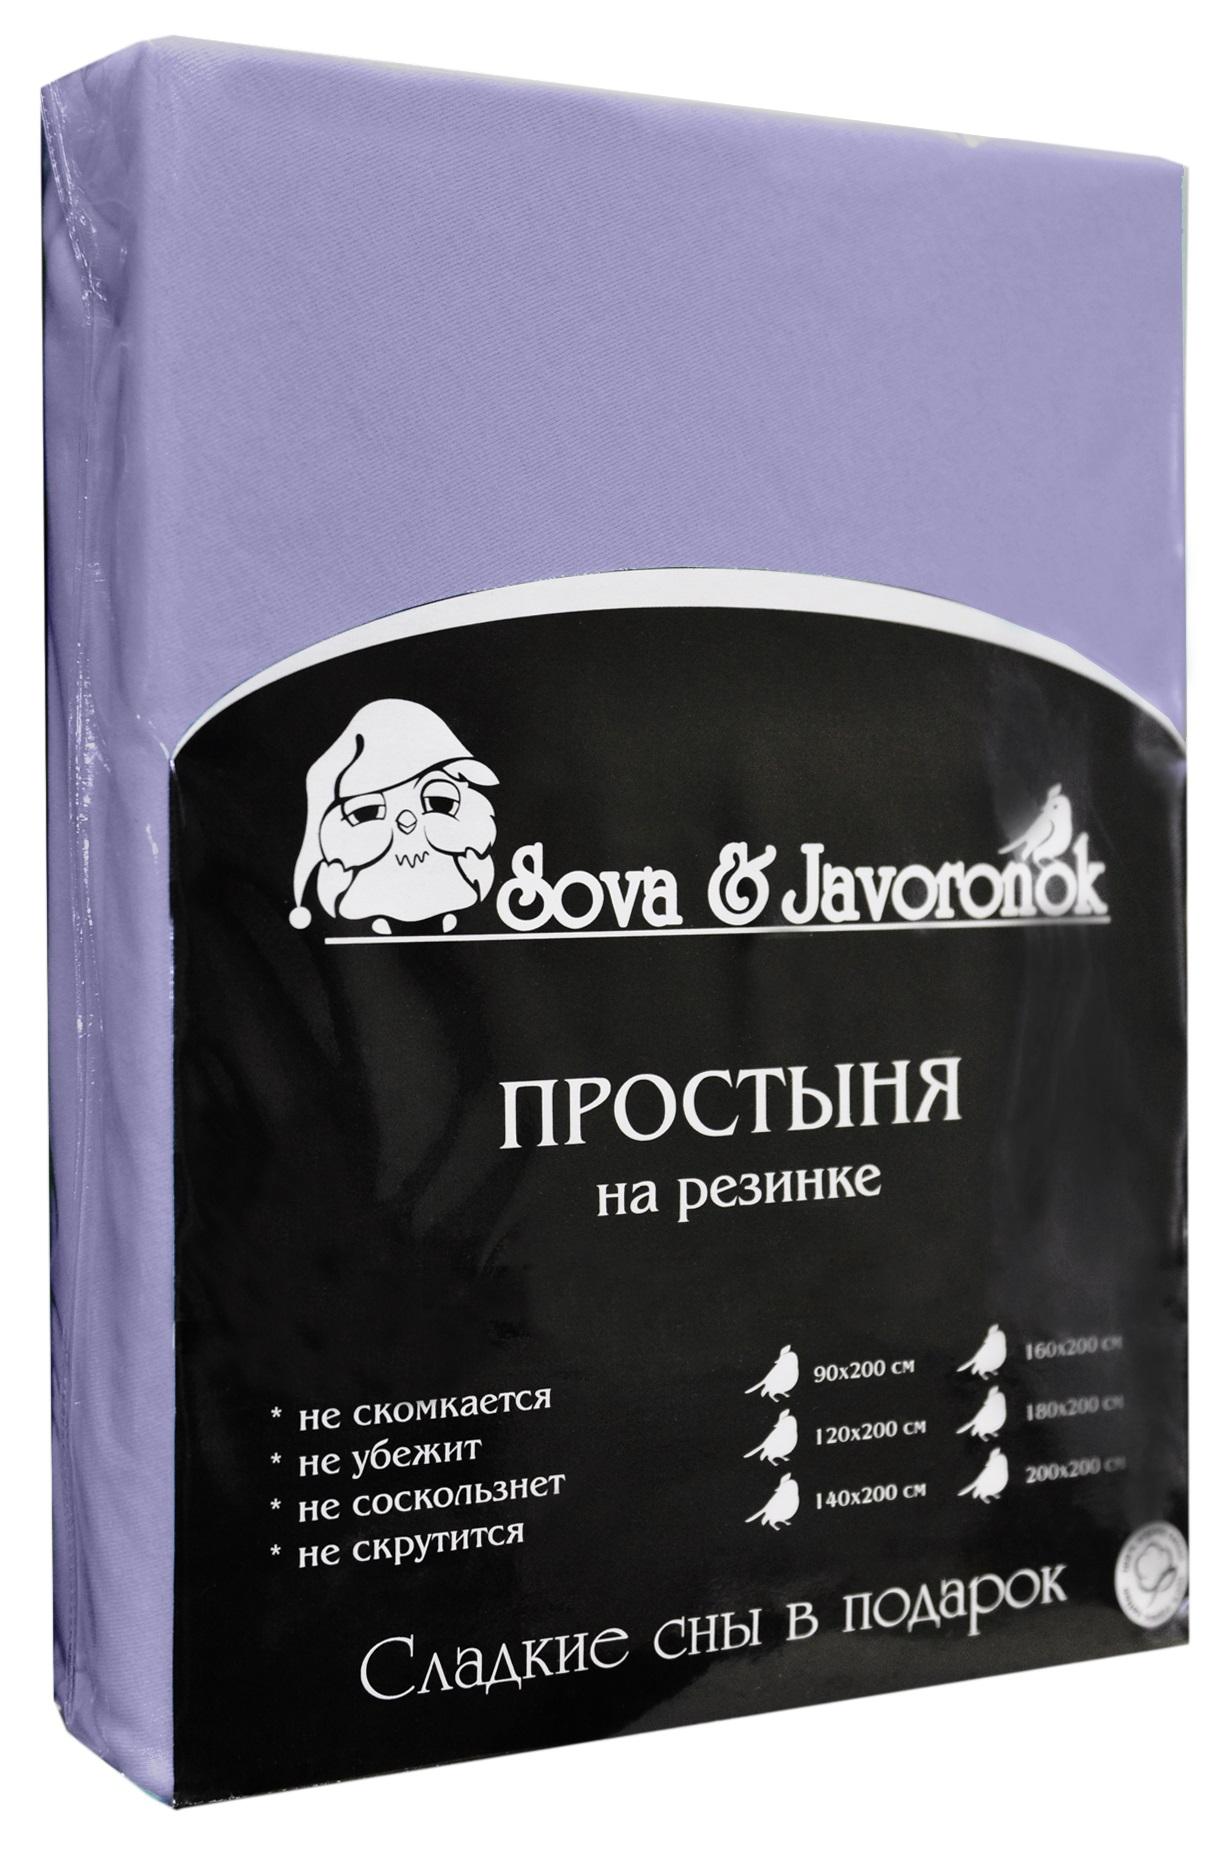 """Простыня на резинке """"Sova & Javoronok"""", изготовленная из трикотажной ткани (100% хлопок), будет превосходно смотреться с любыми комплектами белья. Хлопчатобумажный трикотаж по праву считается одним из самых качественных, прочных и при этом приятных на ощупь. Его гигиеничность позволяет использовать простыню и в детских комнатах, к тому же 100%-ый хлопок в составе ткани не вызовет аллергии. У трикотажного полотна очень интересная структура, немного """"рыхлая"""" за счет отсутствия плотного переплетения нитей и наличия особых петель, благодаря этому простыня """"Сова и Жаворонок"""" отлично пропускает воздух и способствует его постоянной циркуляции. Поэтому ваша постель будет всегда оставаться свежей. Но главное и, пожалуй, самое известное свойство трикотажа - это его великолепная растяжимость, поэтому эта ткань и была выбрана для натяжной простыни на резинке.Простыня прошита резинкой по всему периметру, что обеспечивает более комфортный отдых, так как она прочно удерживается на матрасе и избавляет от необходимости часто поправлять простыню."""